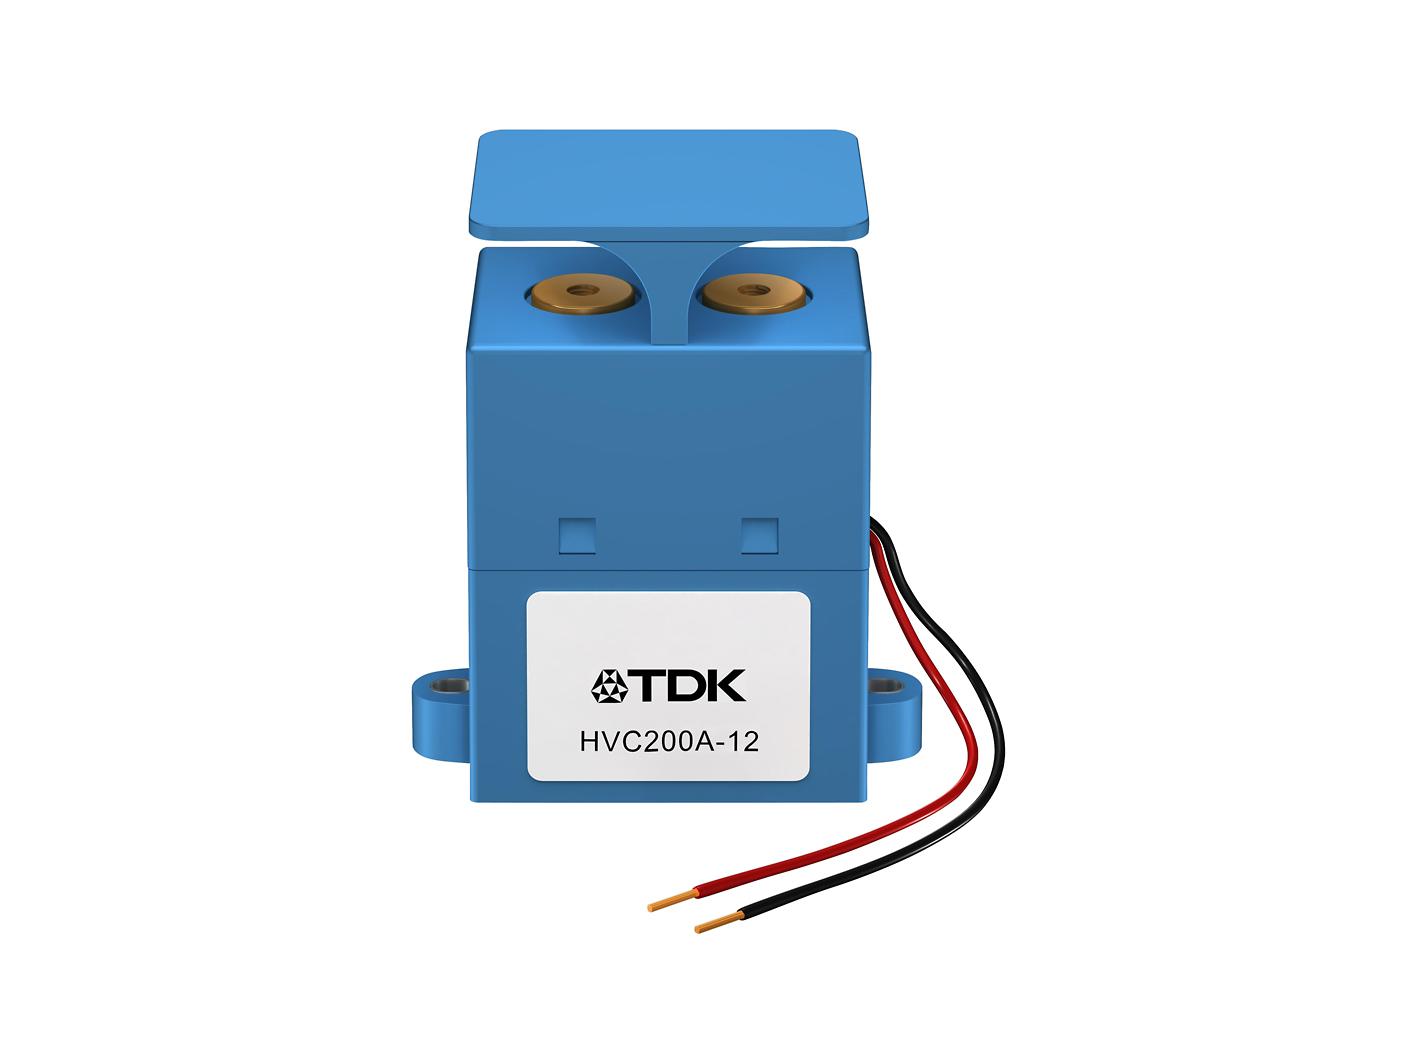 高压直流接触器 续流能力高达 200A